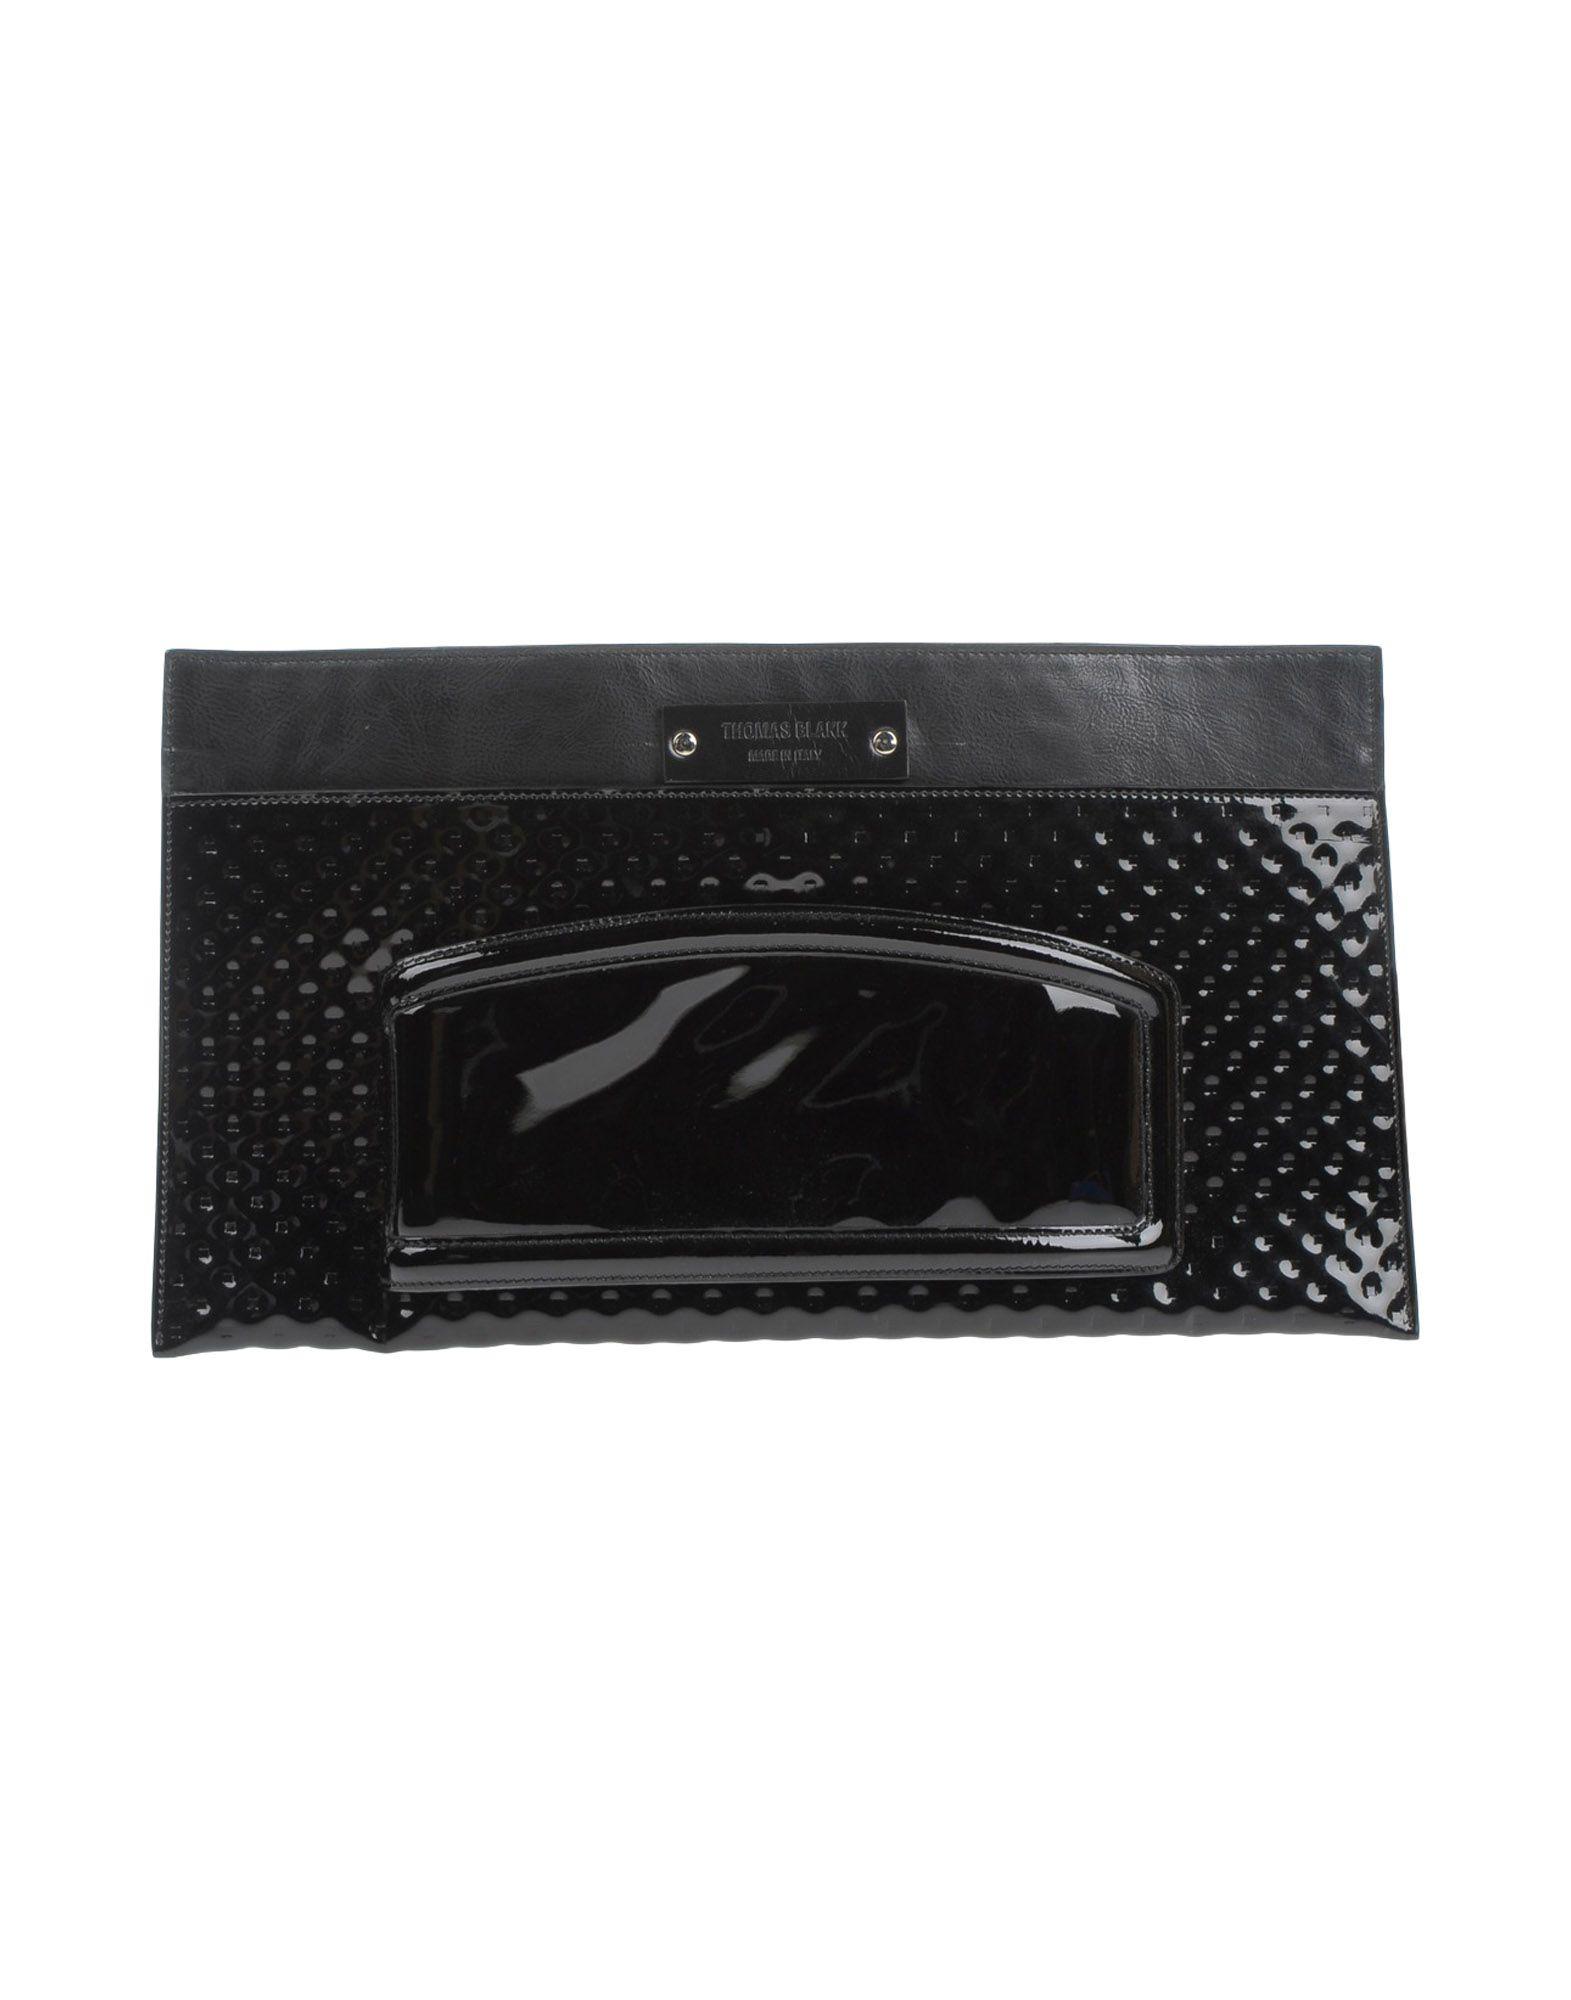 THOMAS BLAKK Handbag in Black